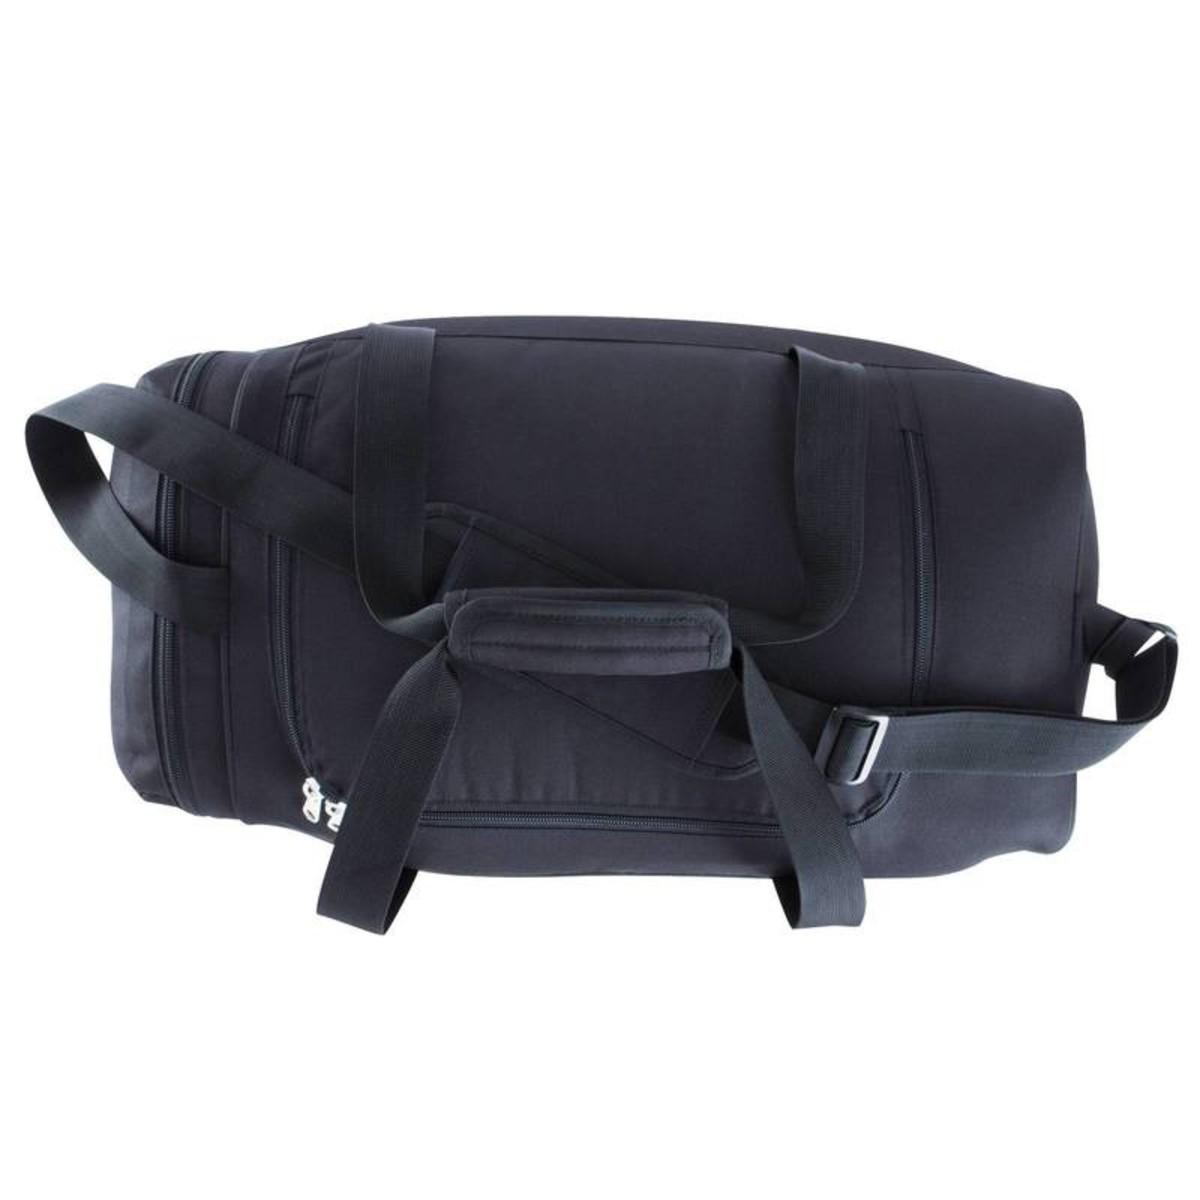 Bild 5 von KIPSTA Sporttasche Hardcase 60 Liter schwarz, Größe: Einheitsgröße